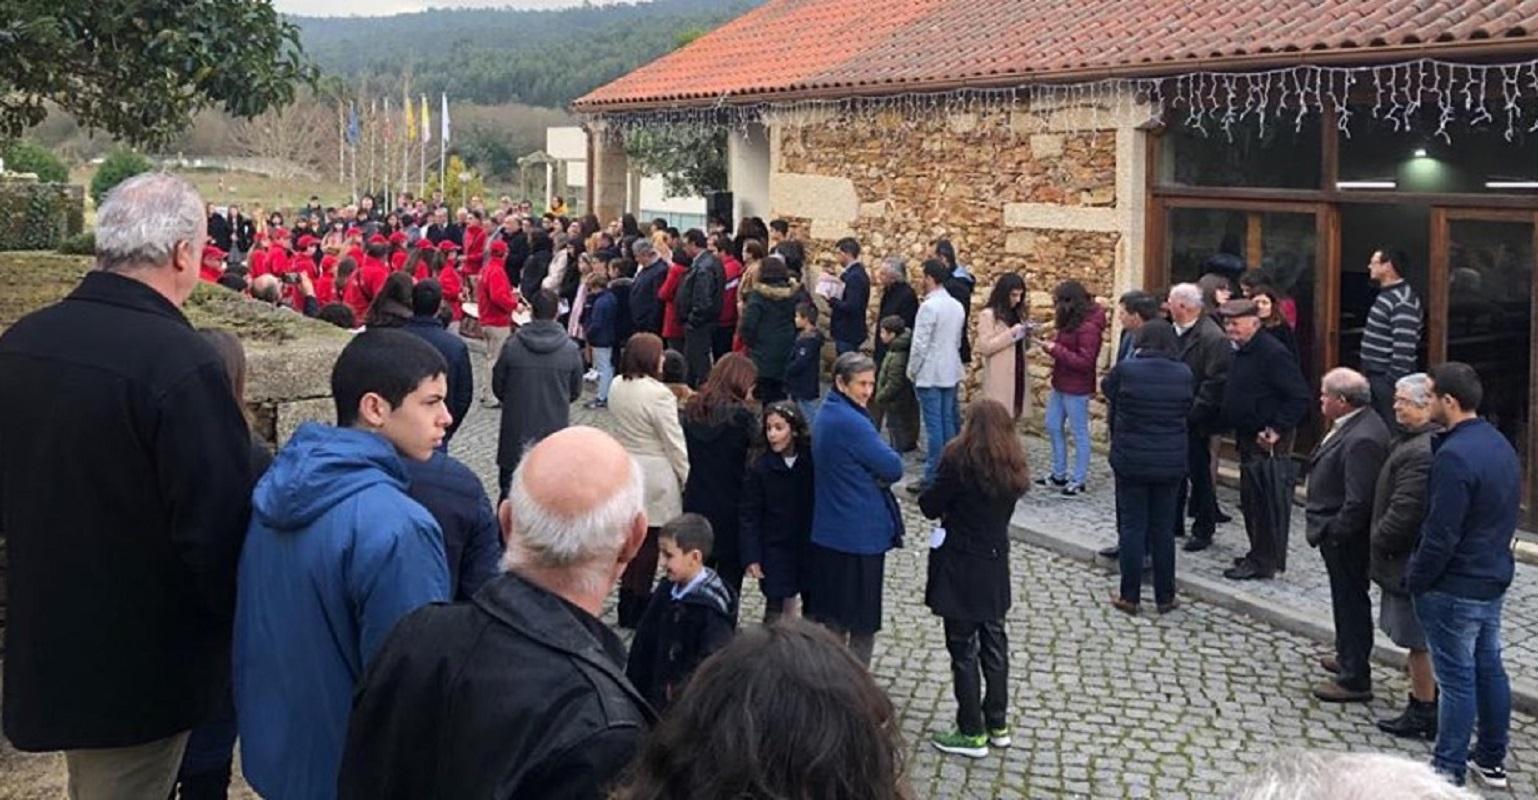 Cerca de 300 fiéis agradecem a padre a obra e empregos que criou em Subportela e Deão